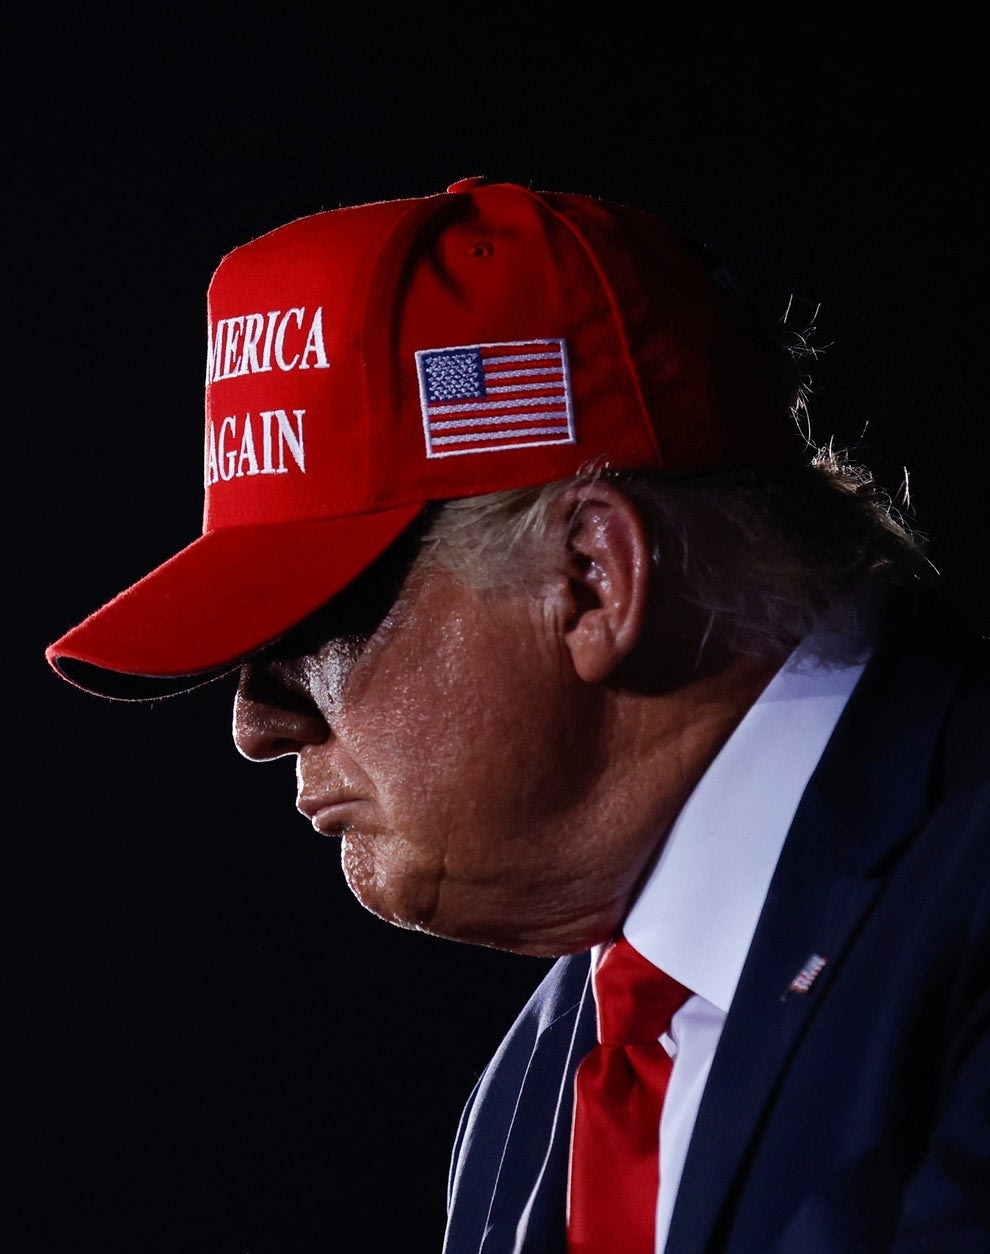 Donald Trump de perfil sobre fundo escuro, usando boné vermelho.